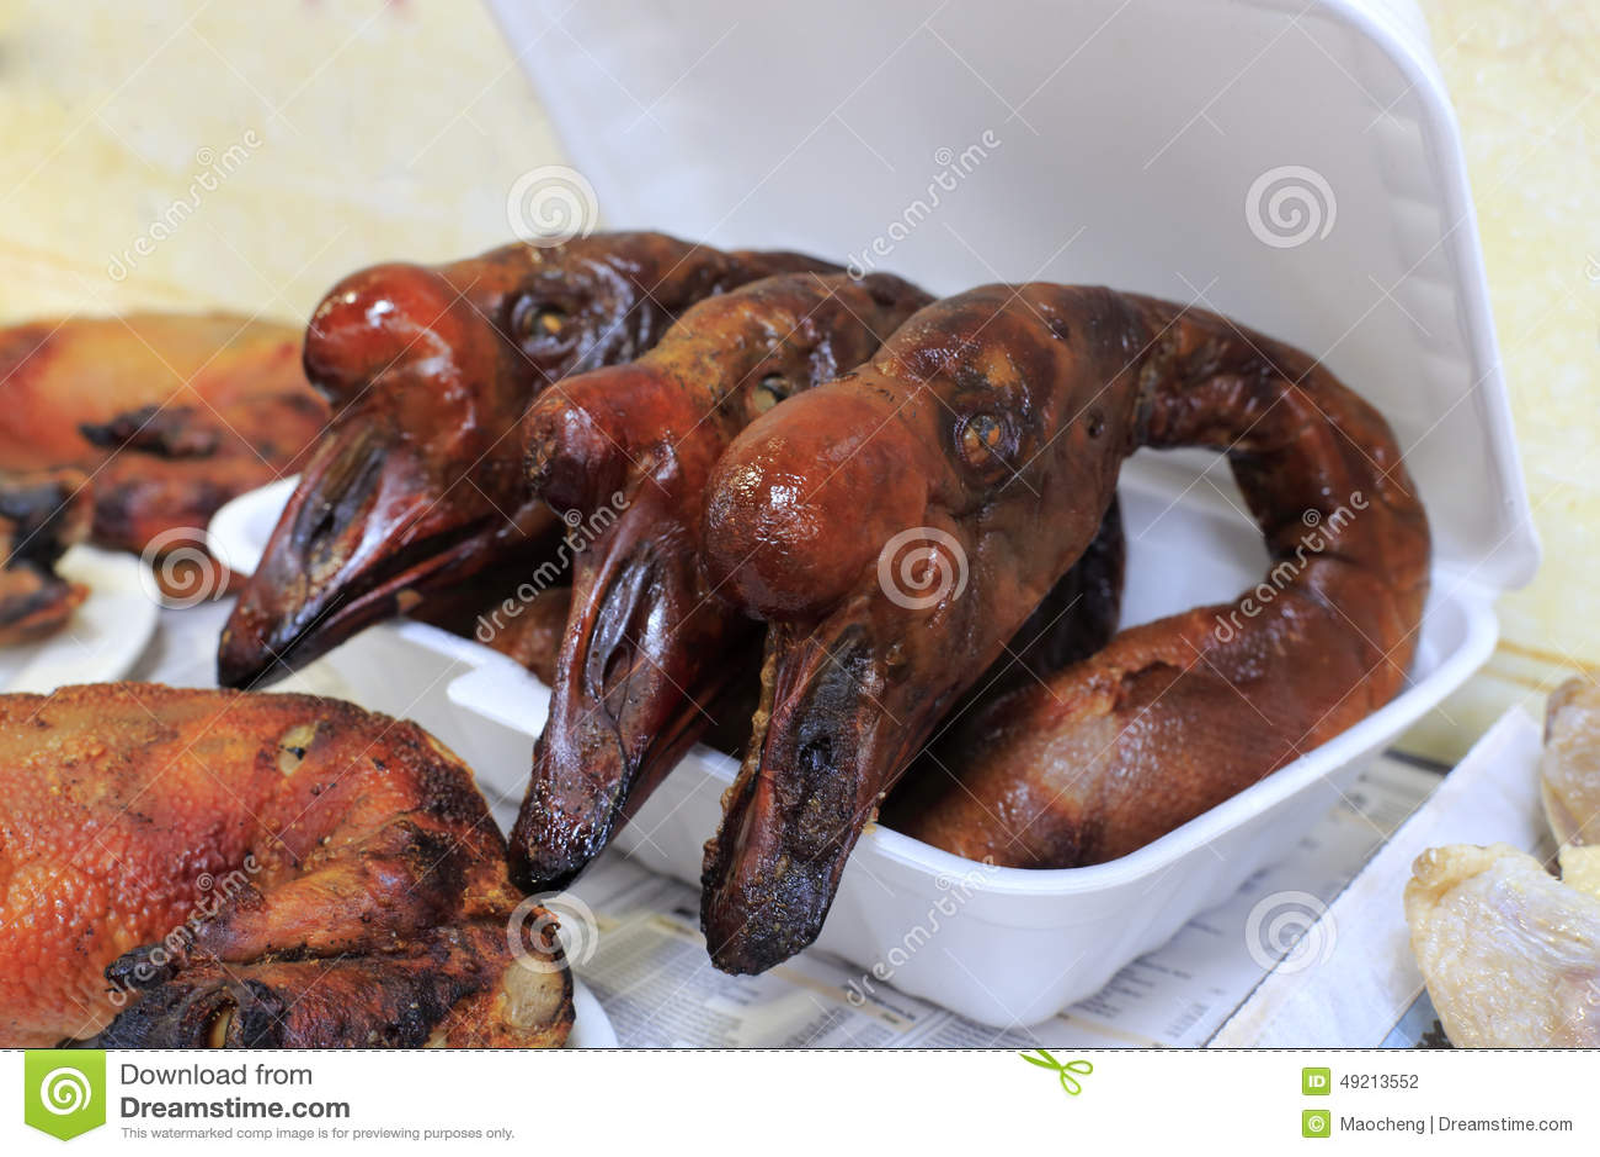 ... roast turkey roast goose roast goose recipe how to roast a goose